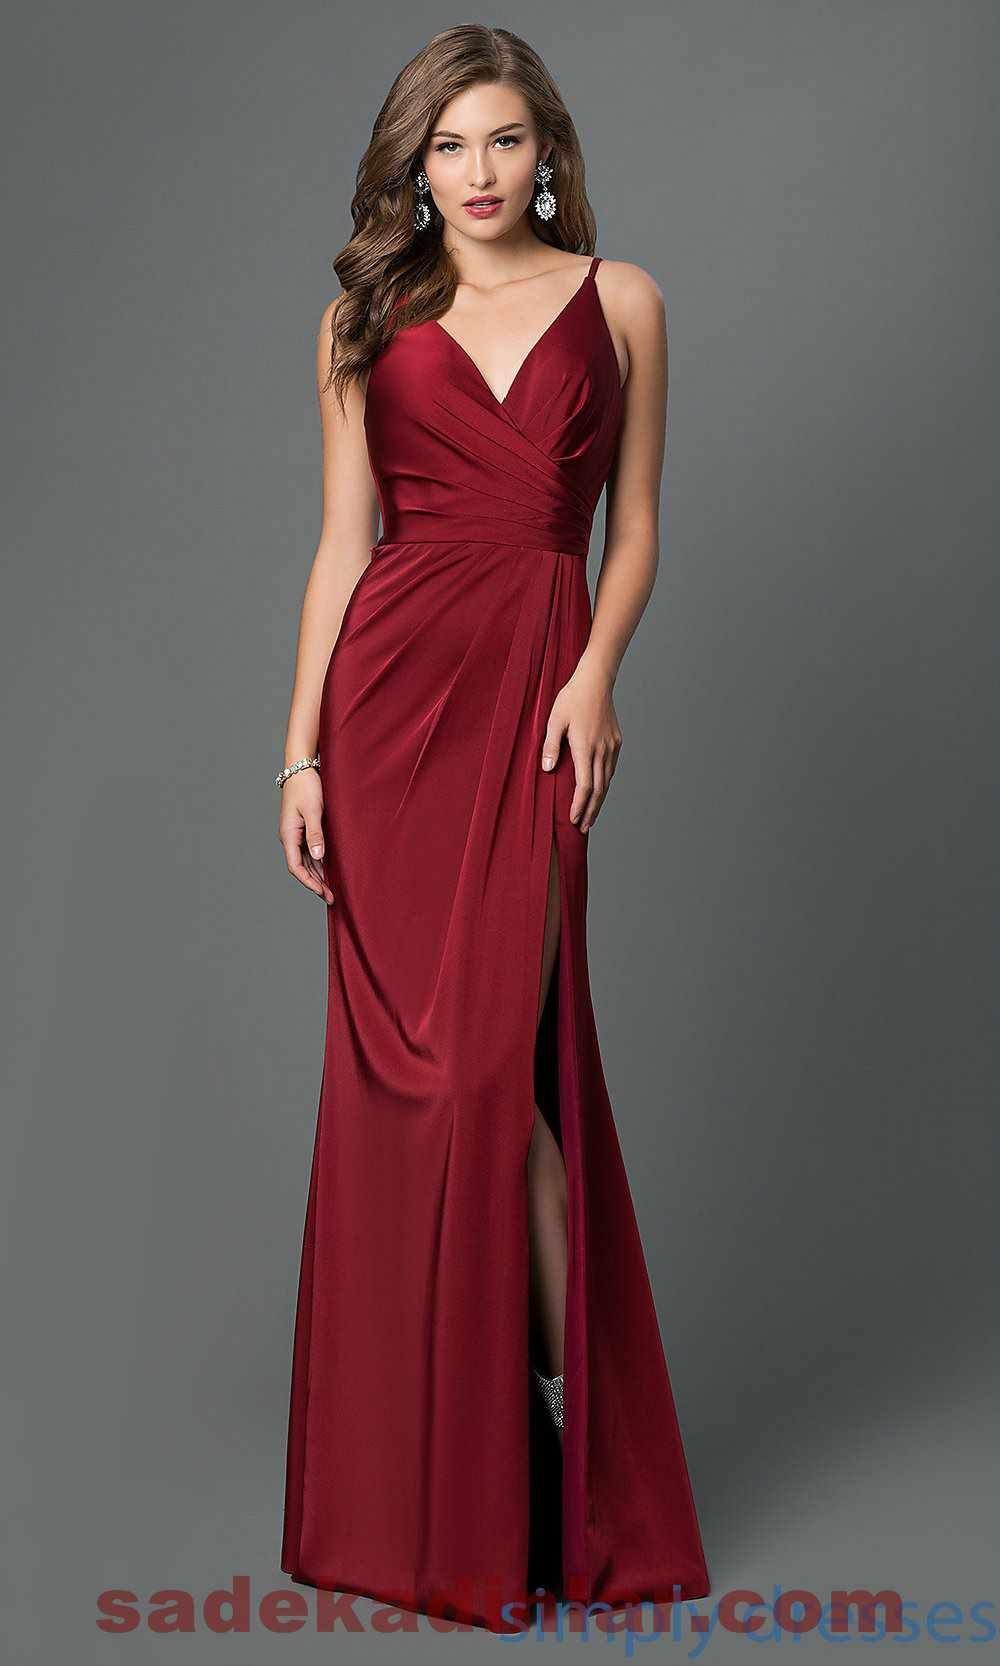 8 Abendkleider Neueste Mode Abendkleider  Vestidos, Dress for